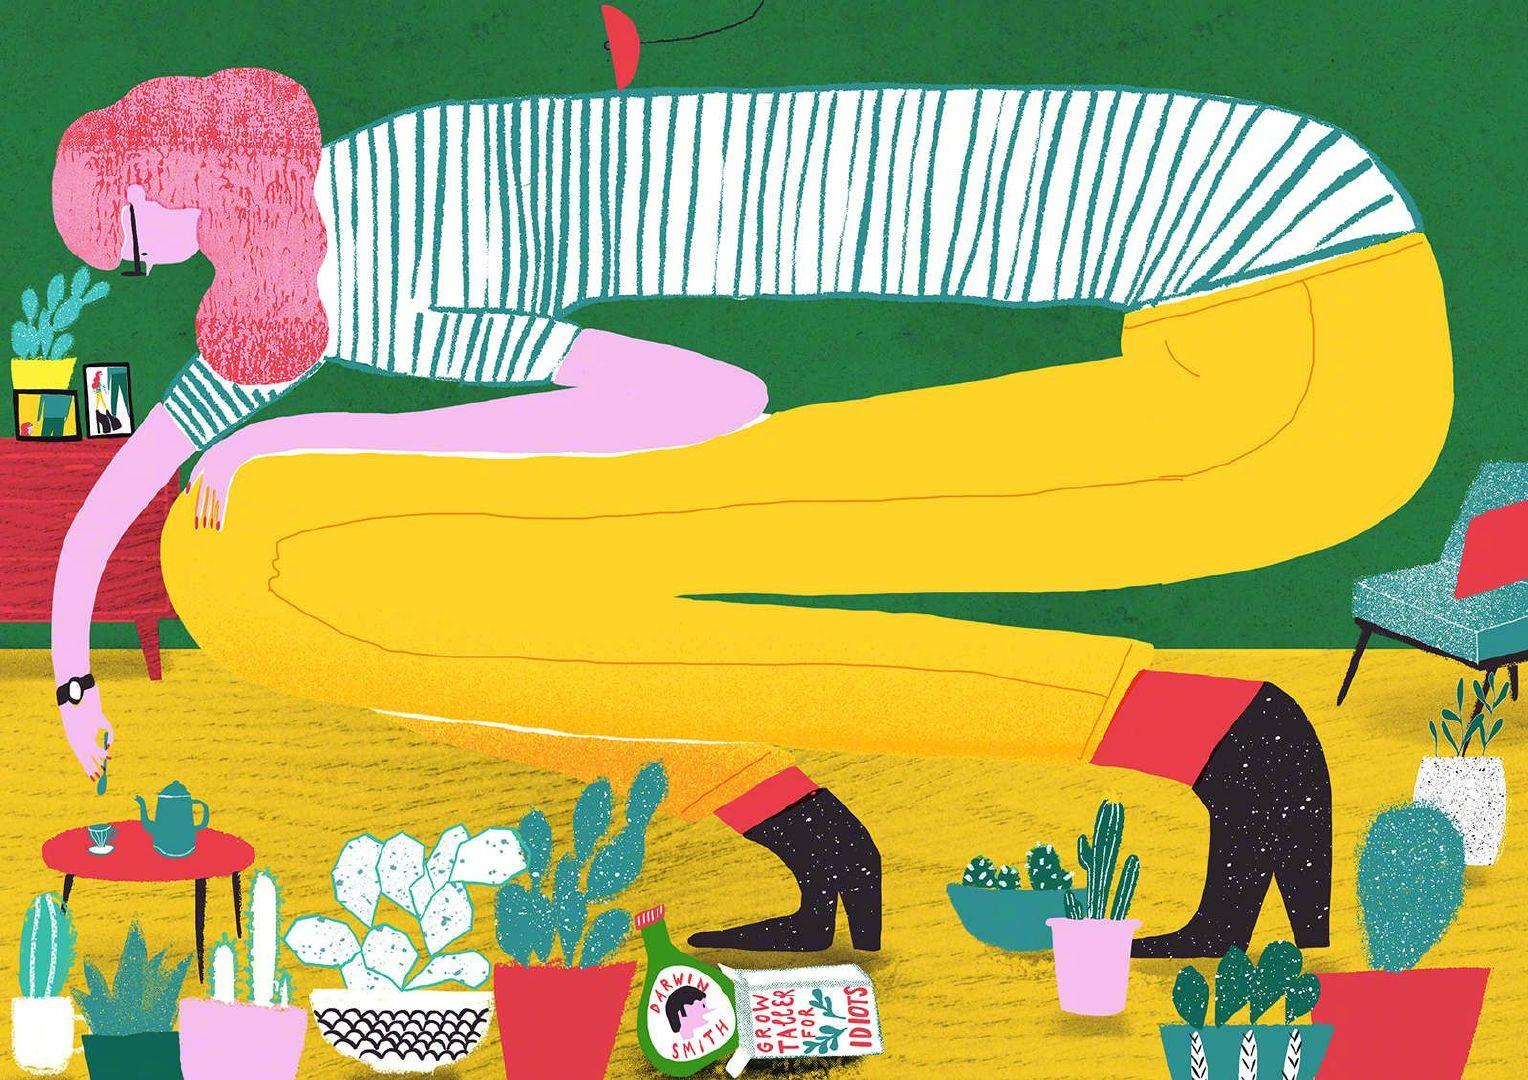 来自插画师  Alisa Sajapina 绘画作品      www.behance